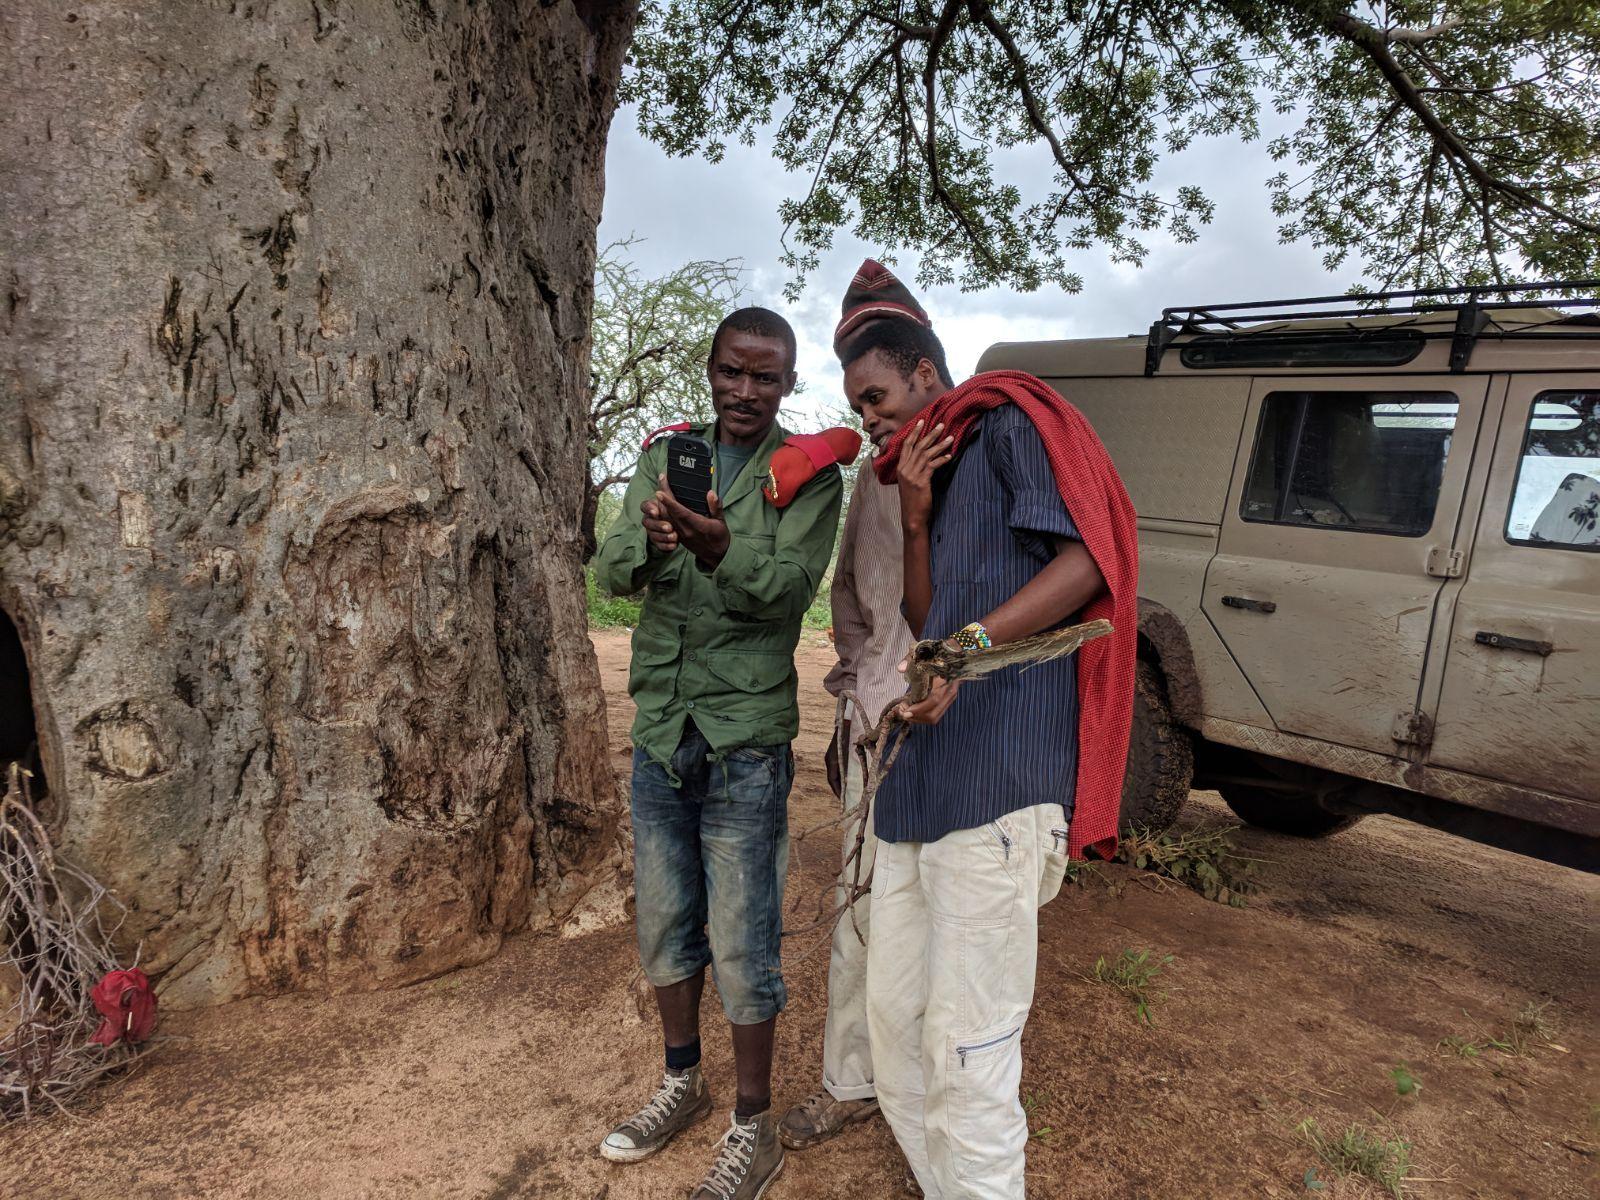 Village Game Scouts anti-poaching tool 2019